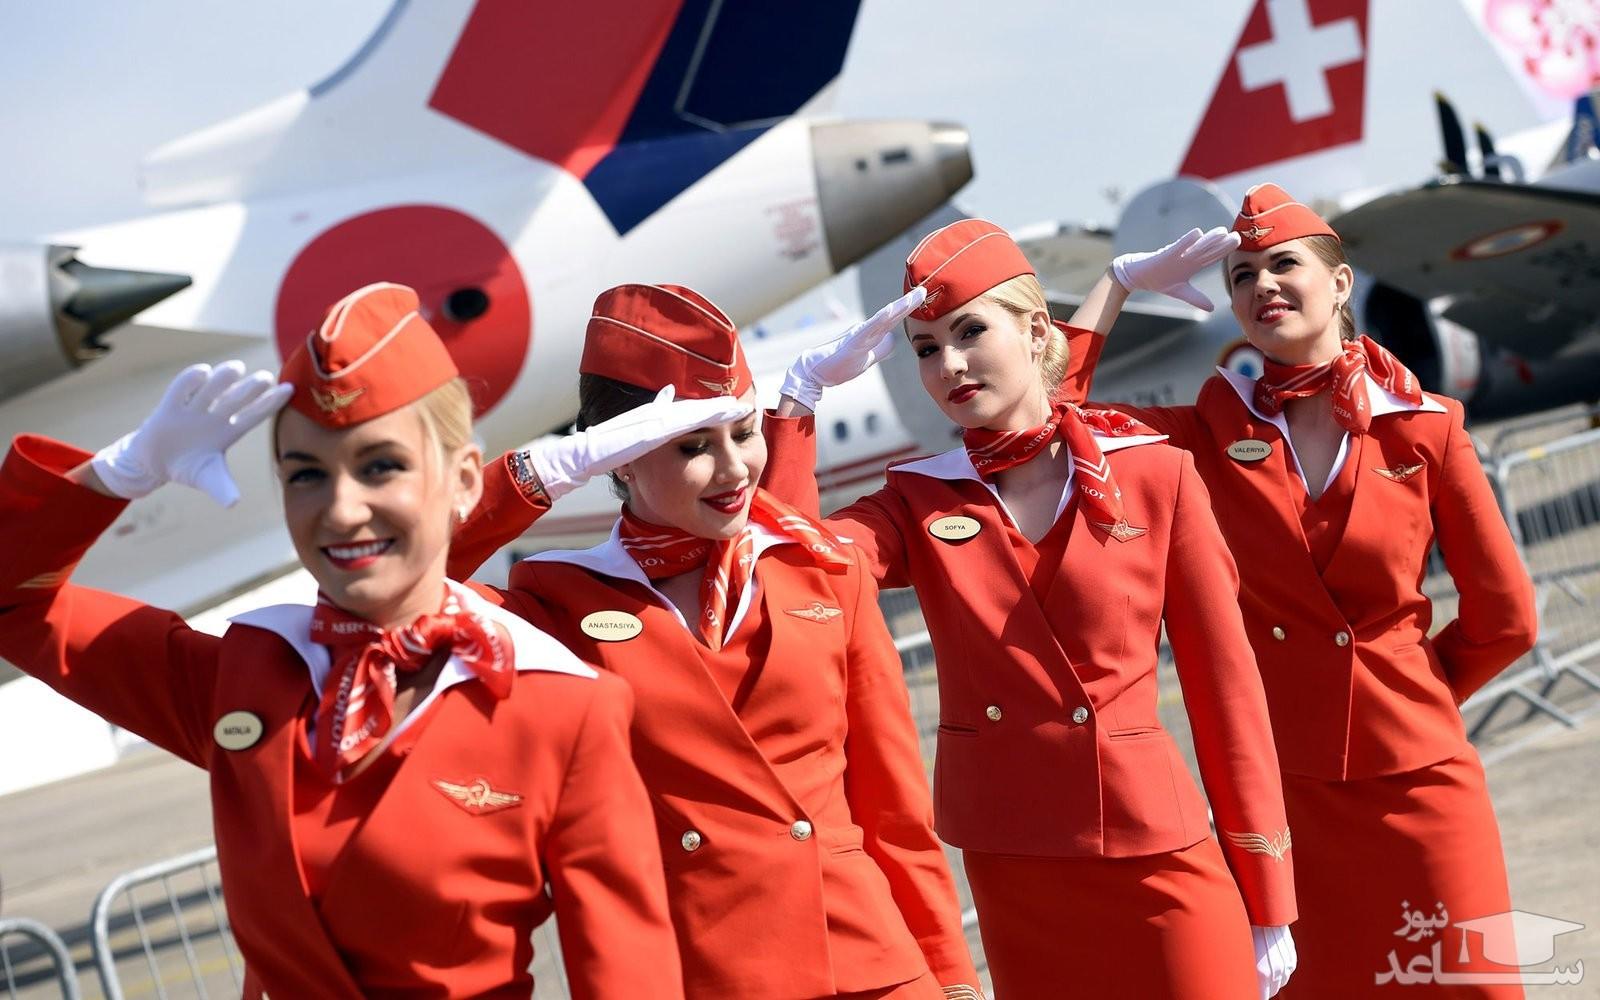 تمرینات جالب و تعجب آور مهمانداران هواپیما